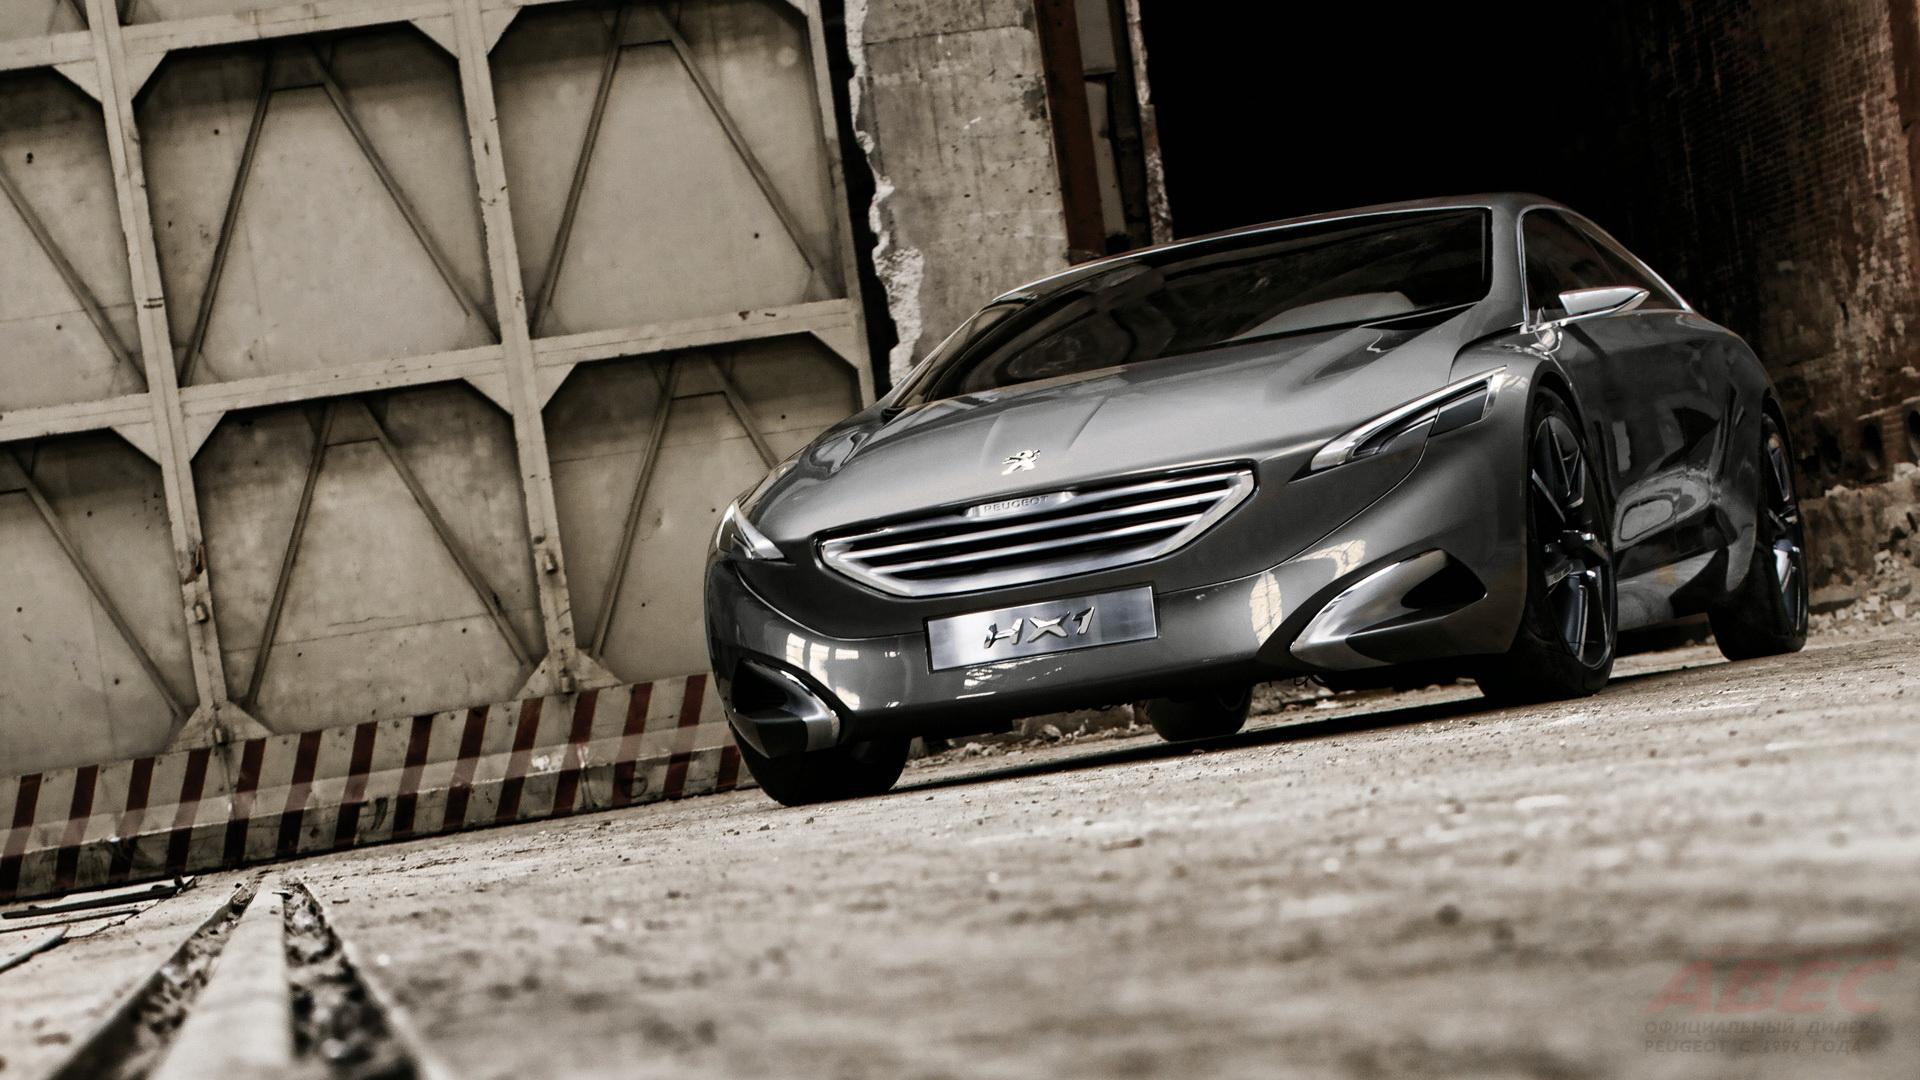 Peugeot HX1 Concept с гибридной силовой установкой